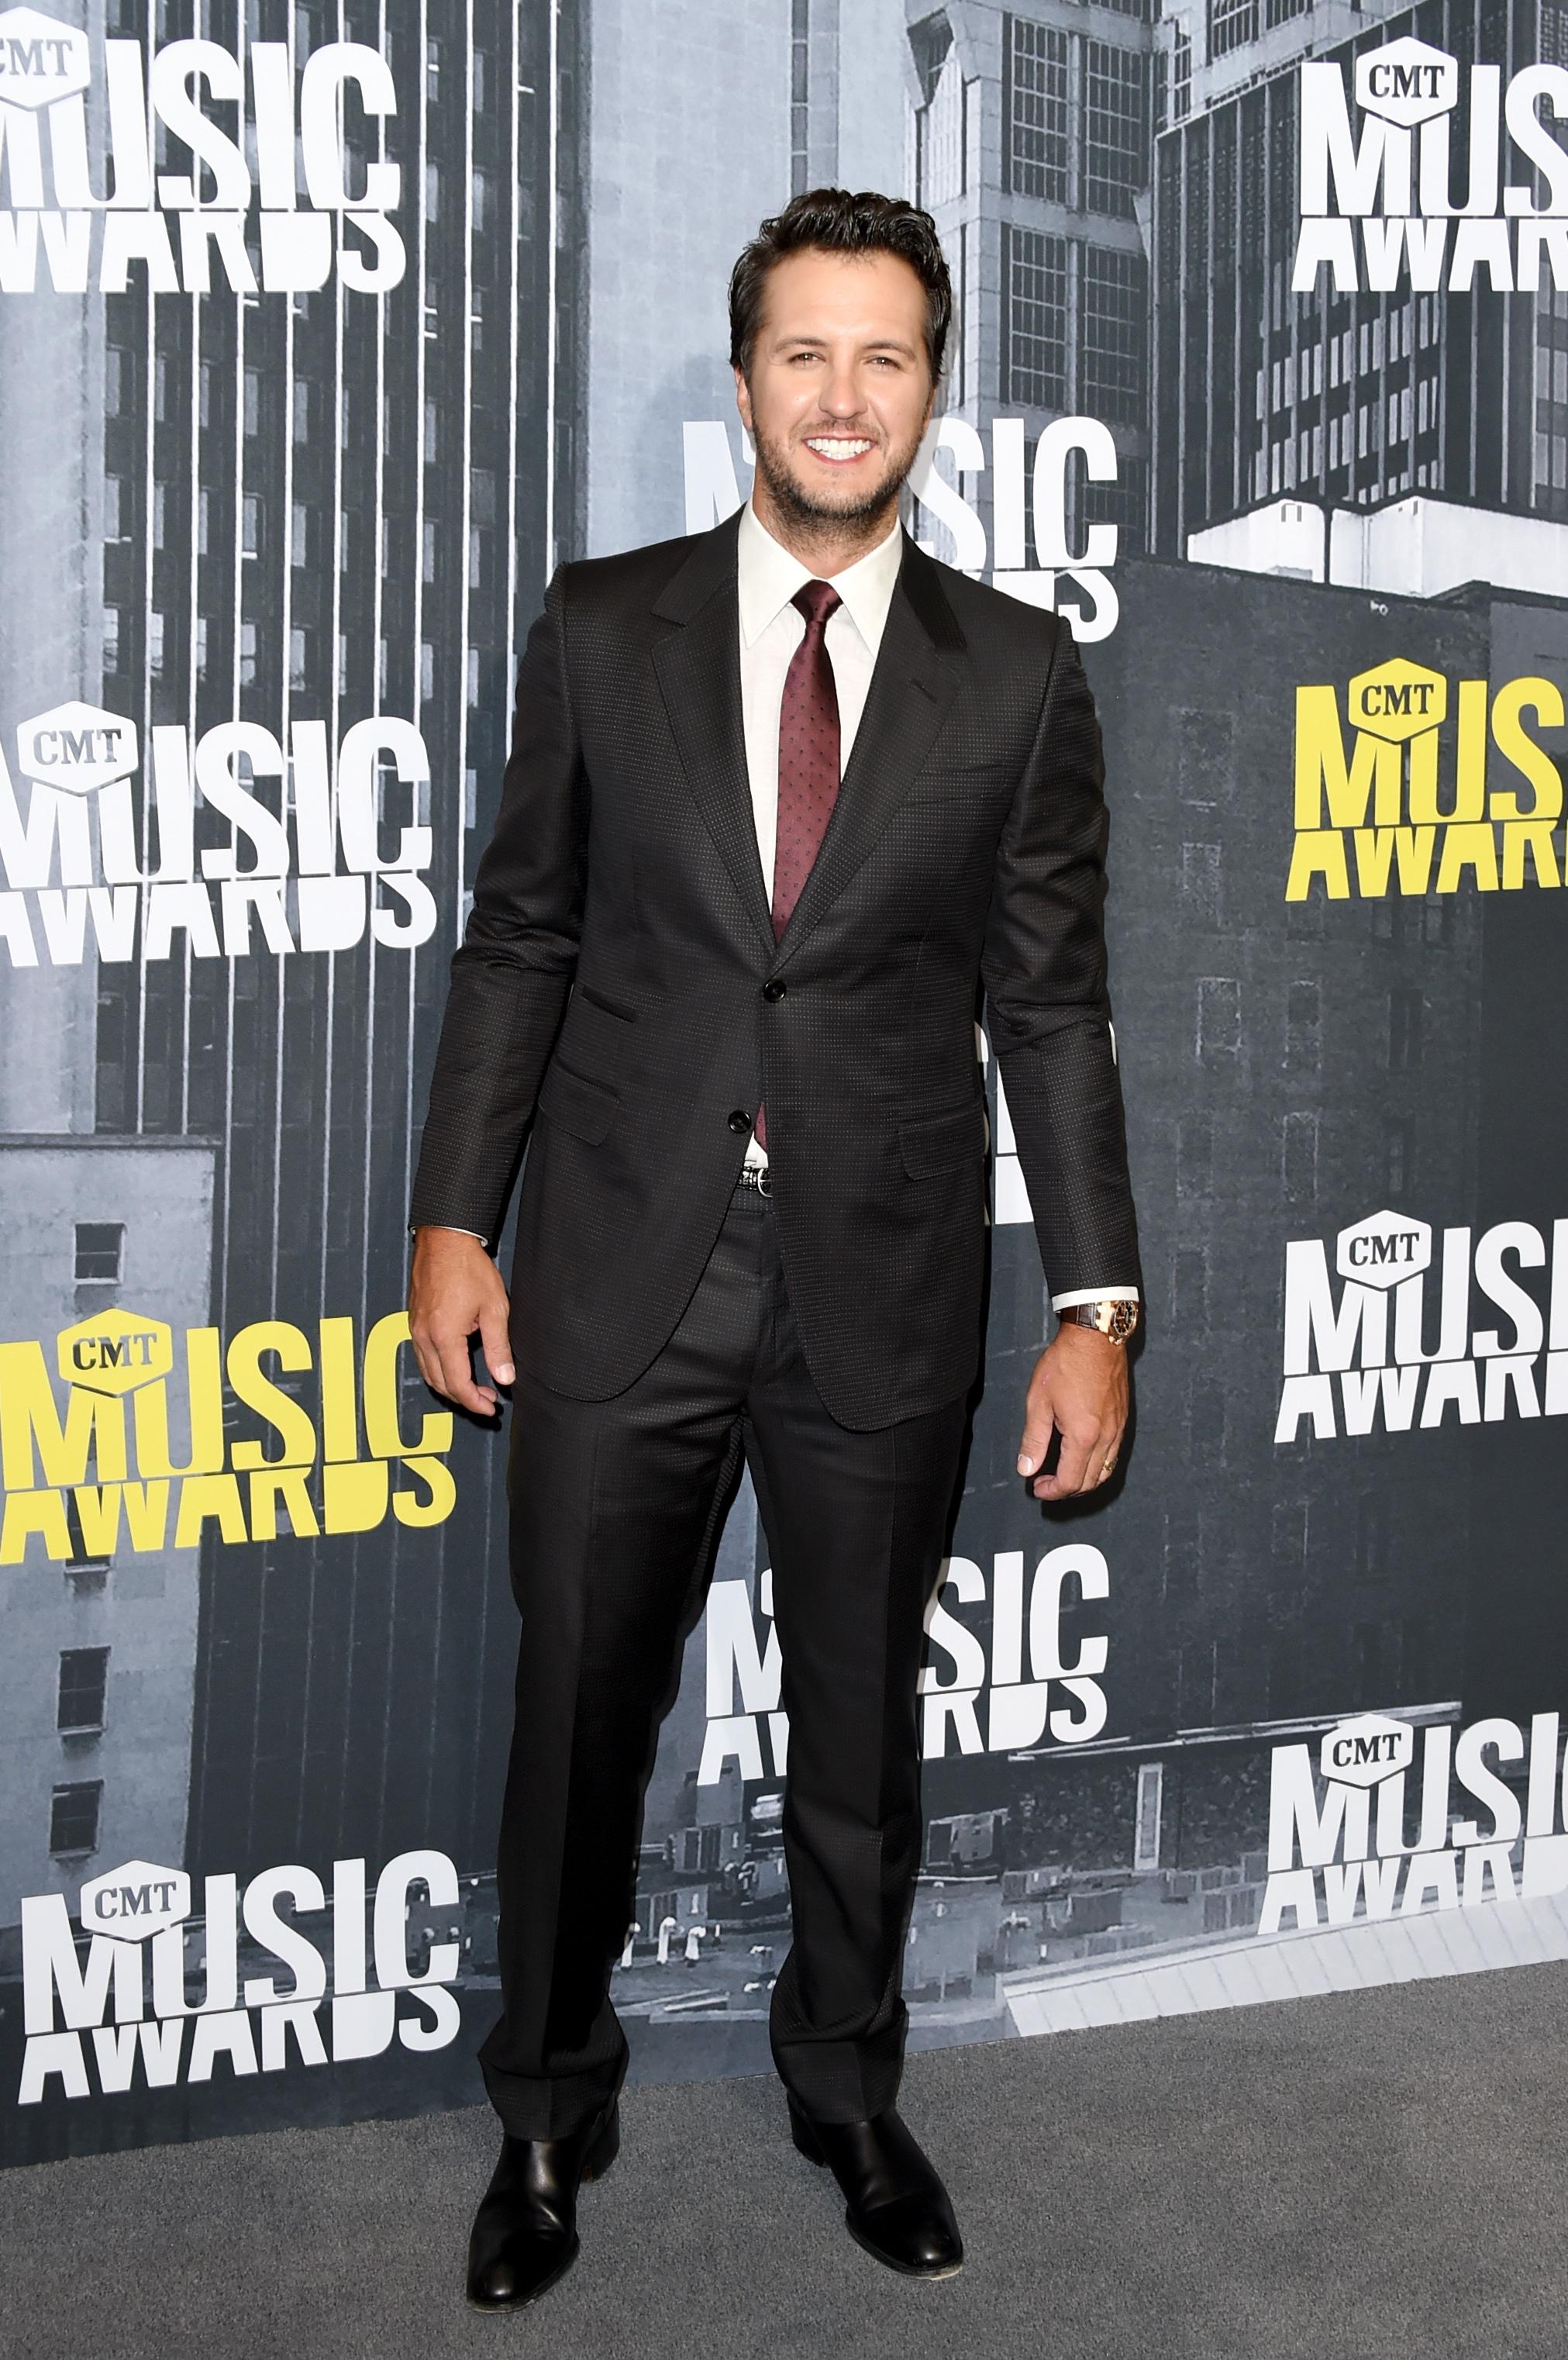 NASHVILLE, TN - JUNE 07: Singer-songwriter Luke Bryan attends the 2017 CMT Music Awards at the Music City Center on June 7, 2017 in Nashville, Tennessee. (Photo by J. Merritt/FilmMagic)